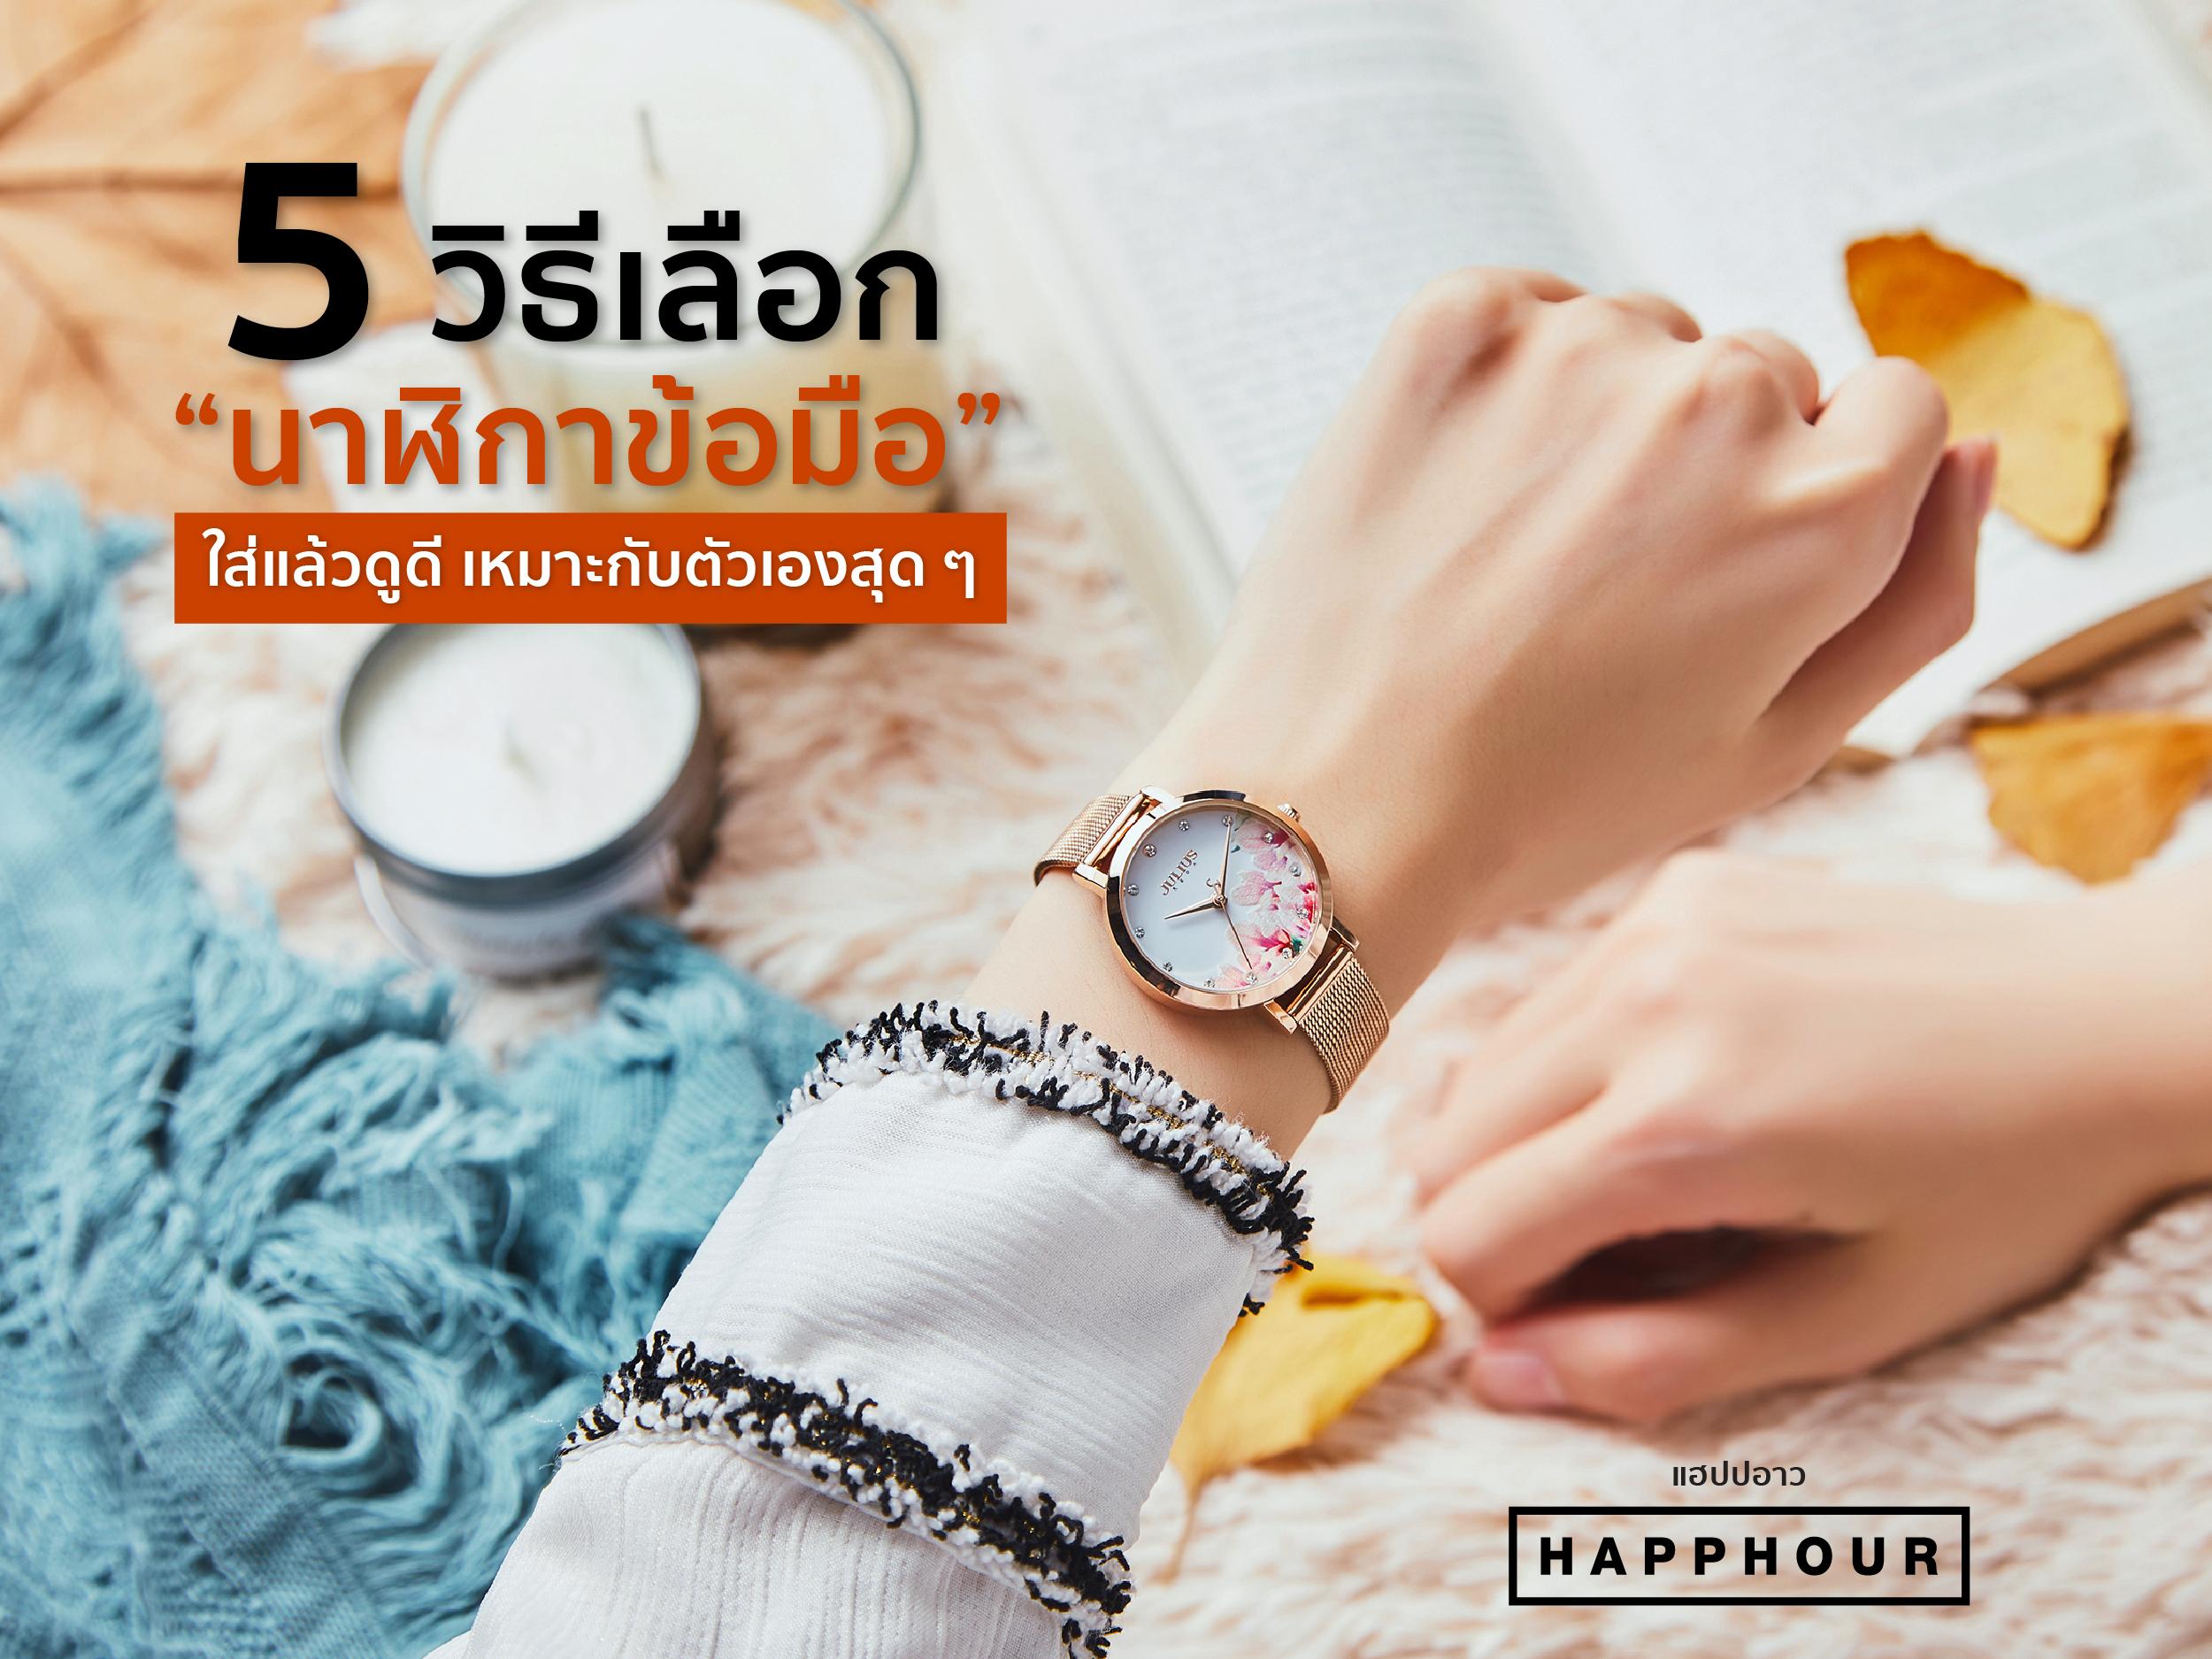 5 วิธีเลือกนาฬิกาข้อมือ ใส่แล้วดูดี เหมาะกับตัวเองสุด ๆ